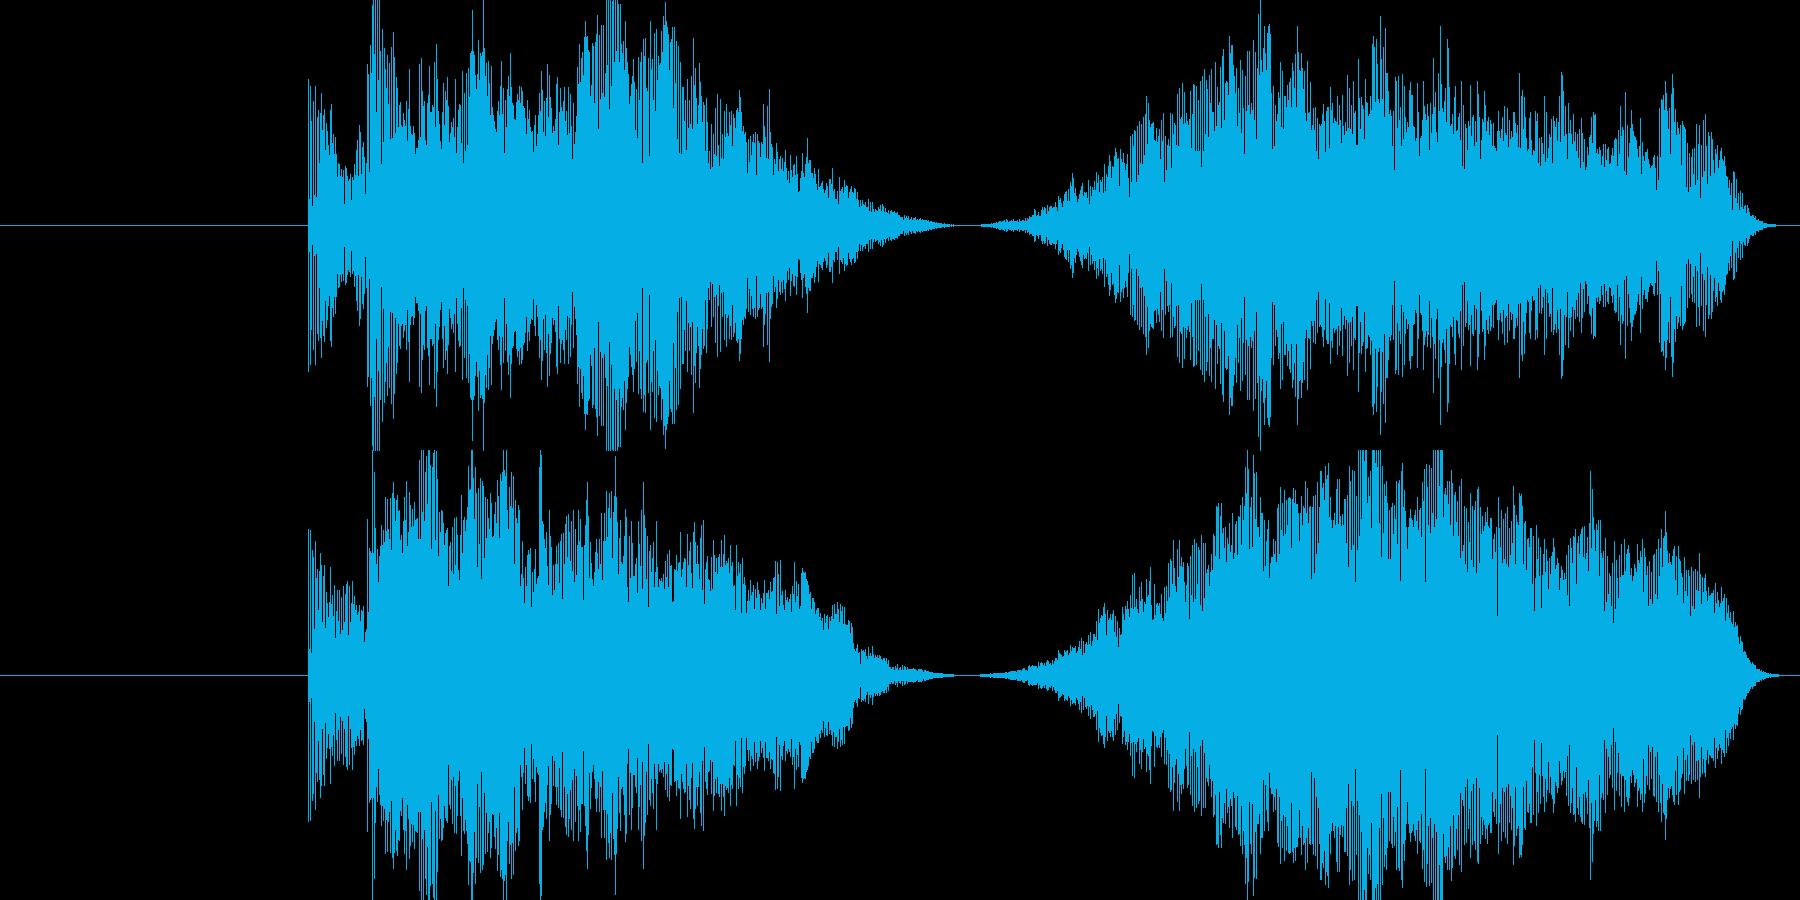 ワープ系の移動音の再生済みの波形